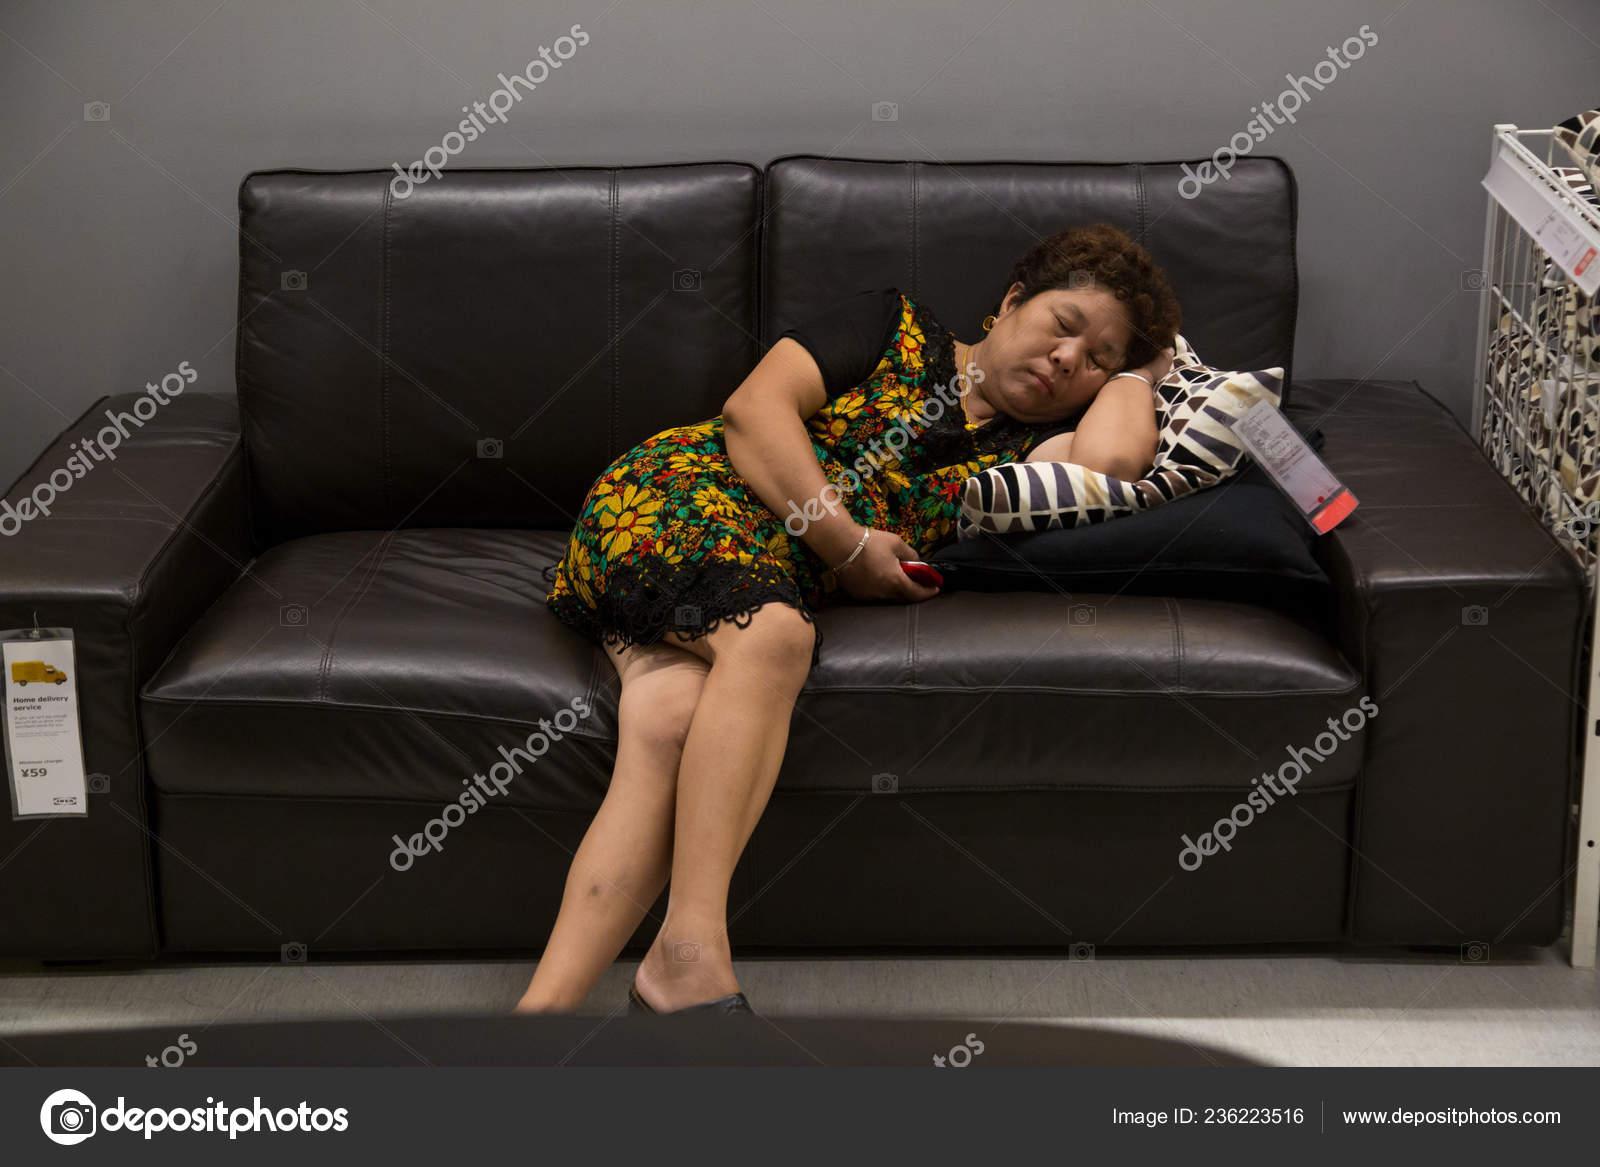 диван показалось прикольные картинки фото